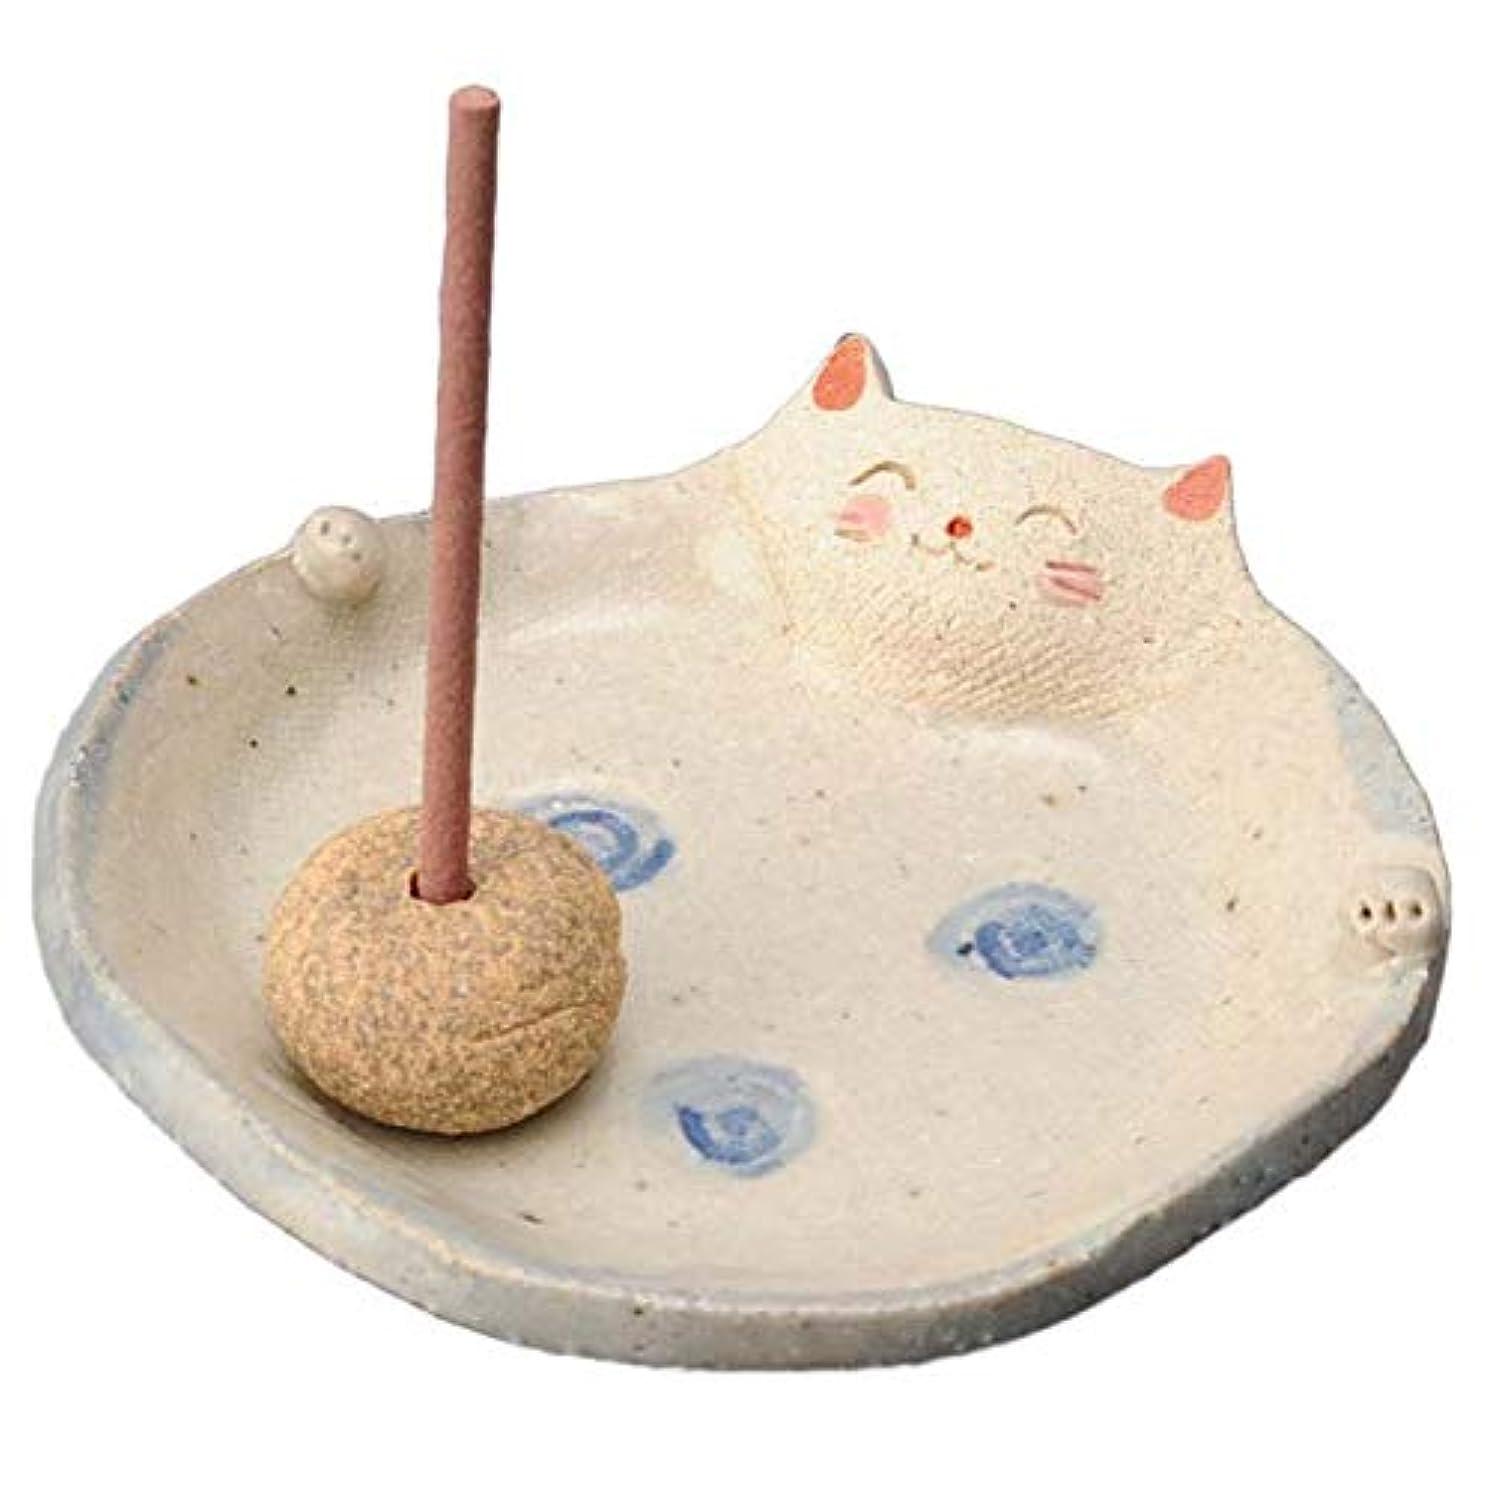 モック更新禁止する手造り 香皿 香立て/ふっくら 香皿(ネコ) /香り アロマ 癒やし リラックス インテリア プレゼント 贈り物